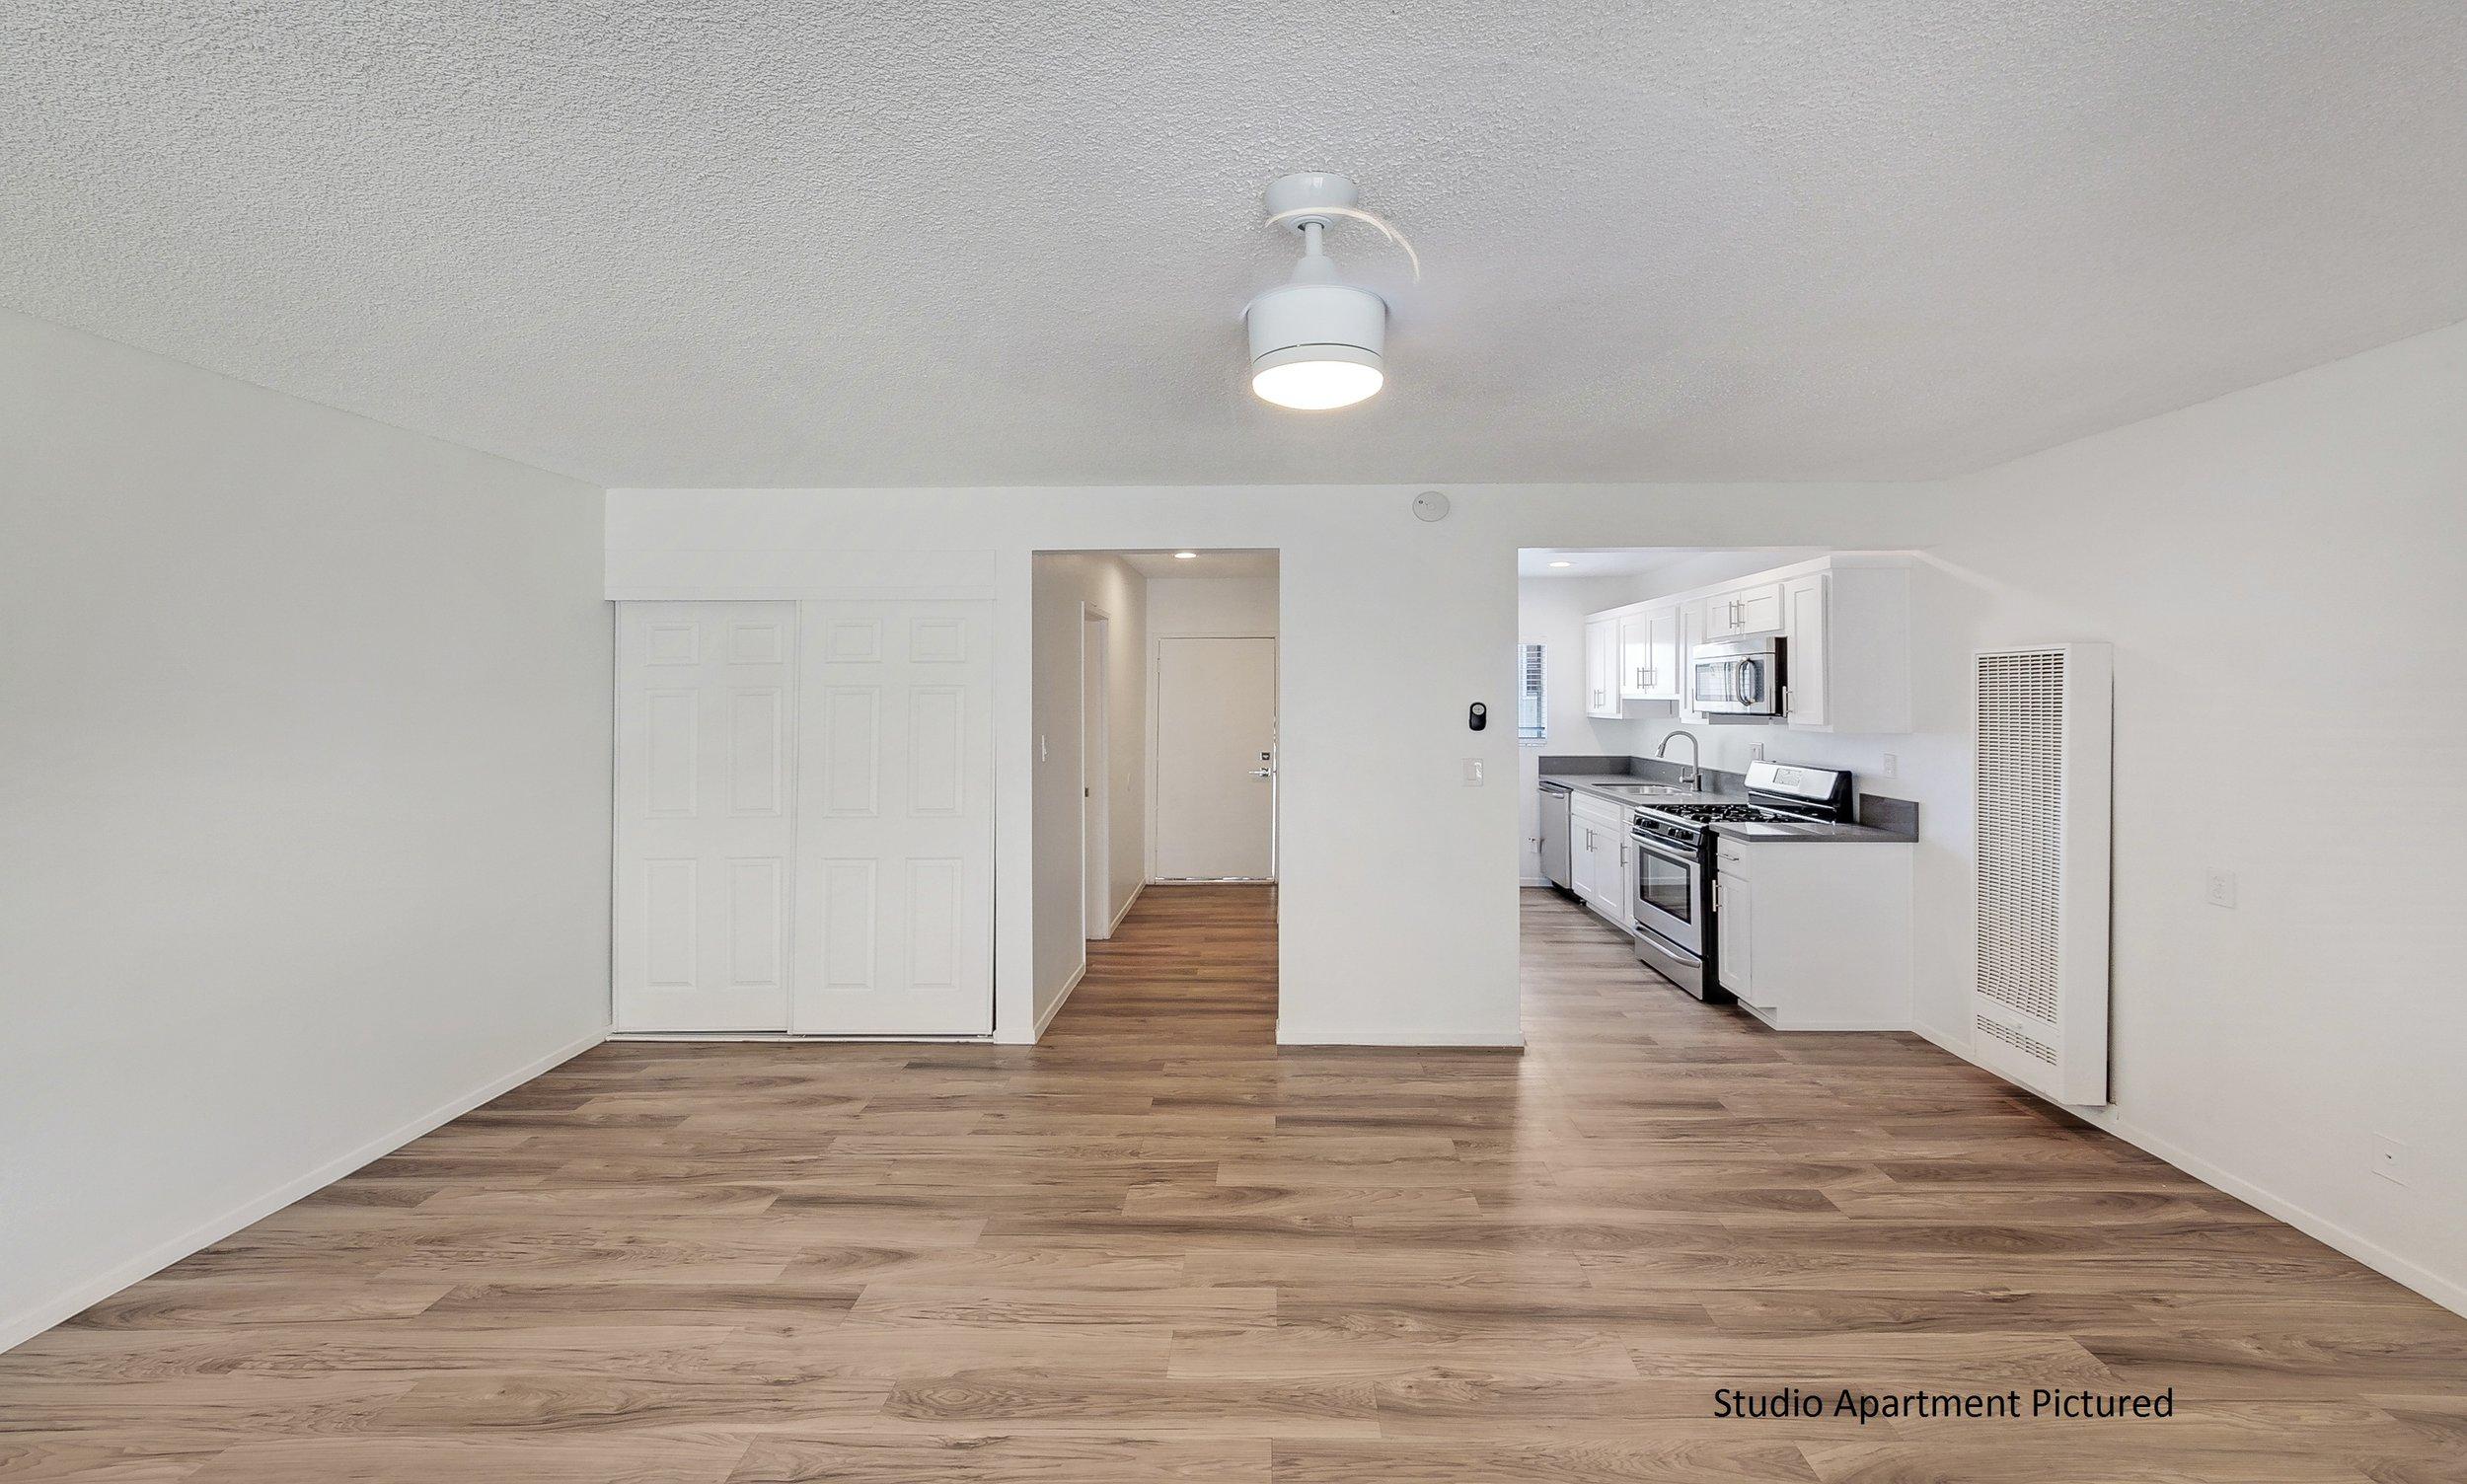 IMG_6861-r Studio Apartment Pictured.jpg